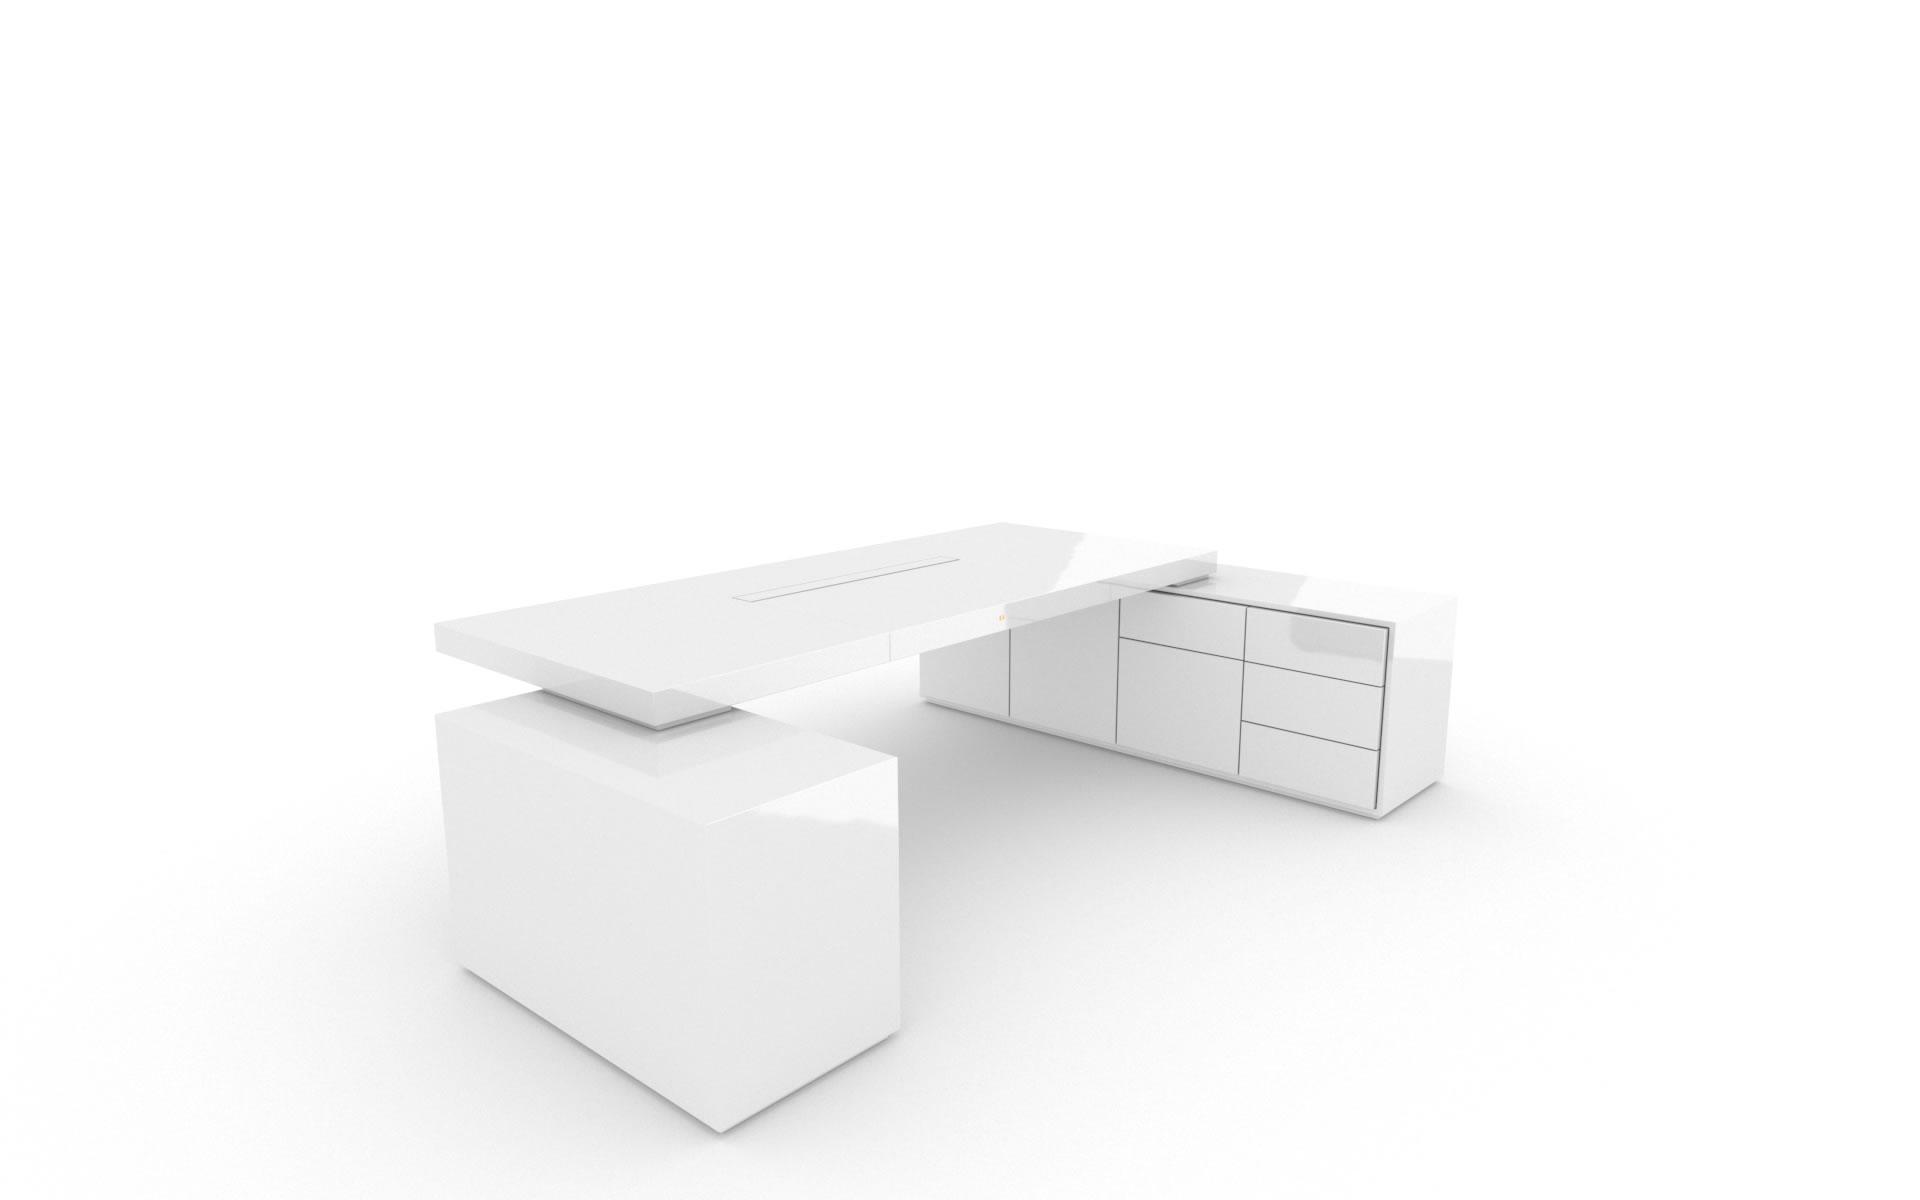 Schreibtisch Iv Ii, Klavierlack Weiß – Felix Schwake Inside Cher Sideboards (View 21 of 30)